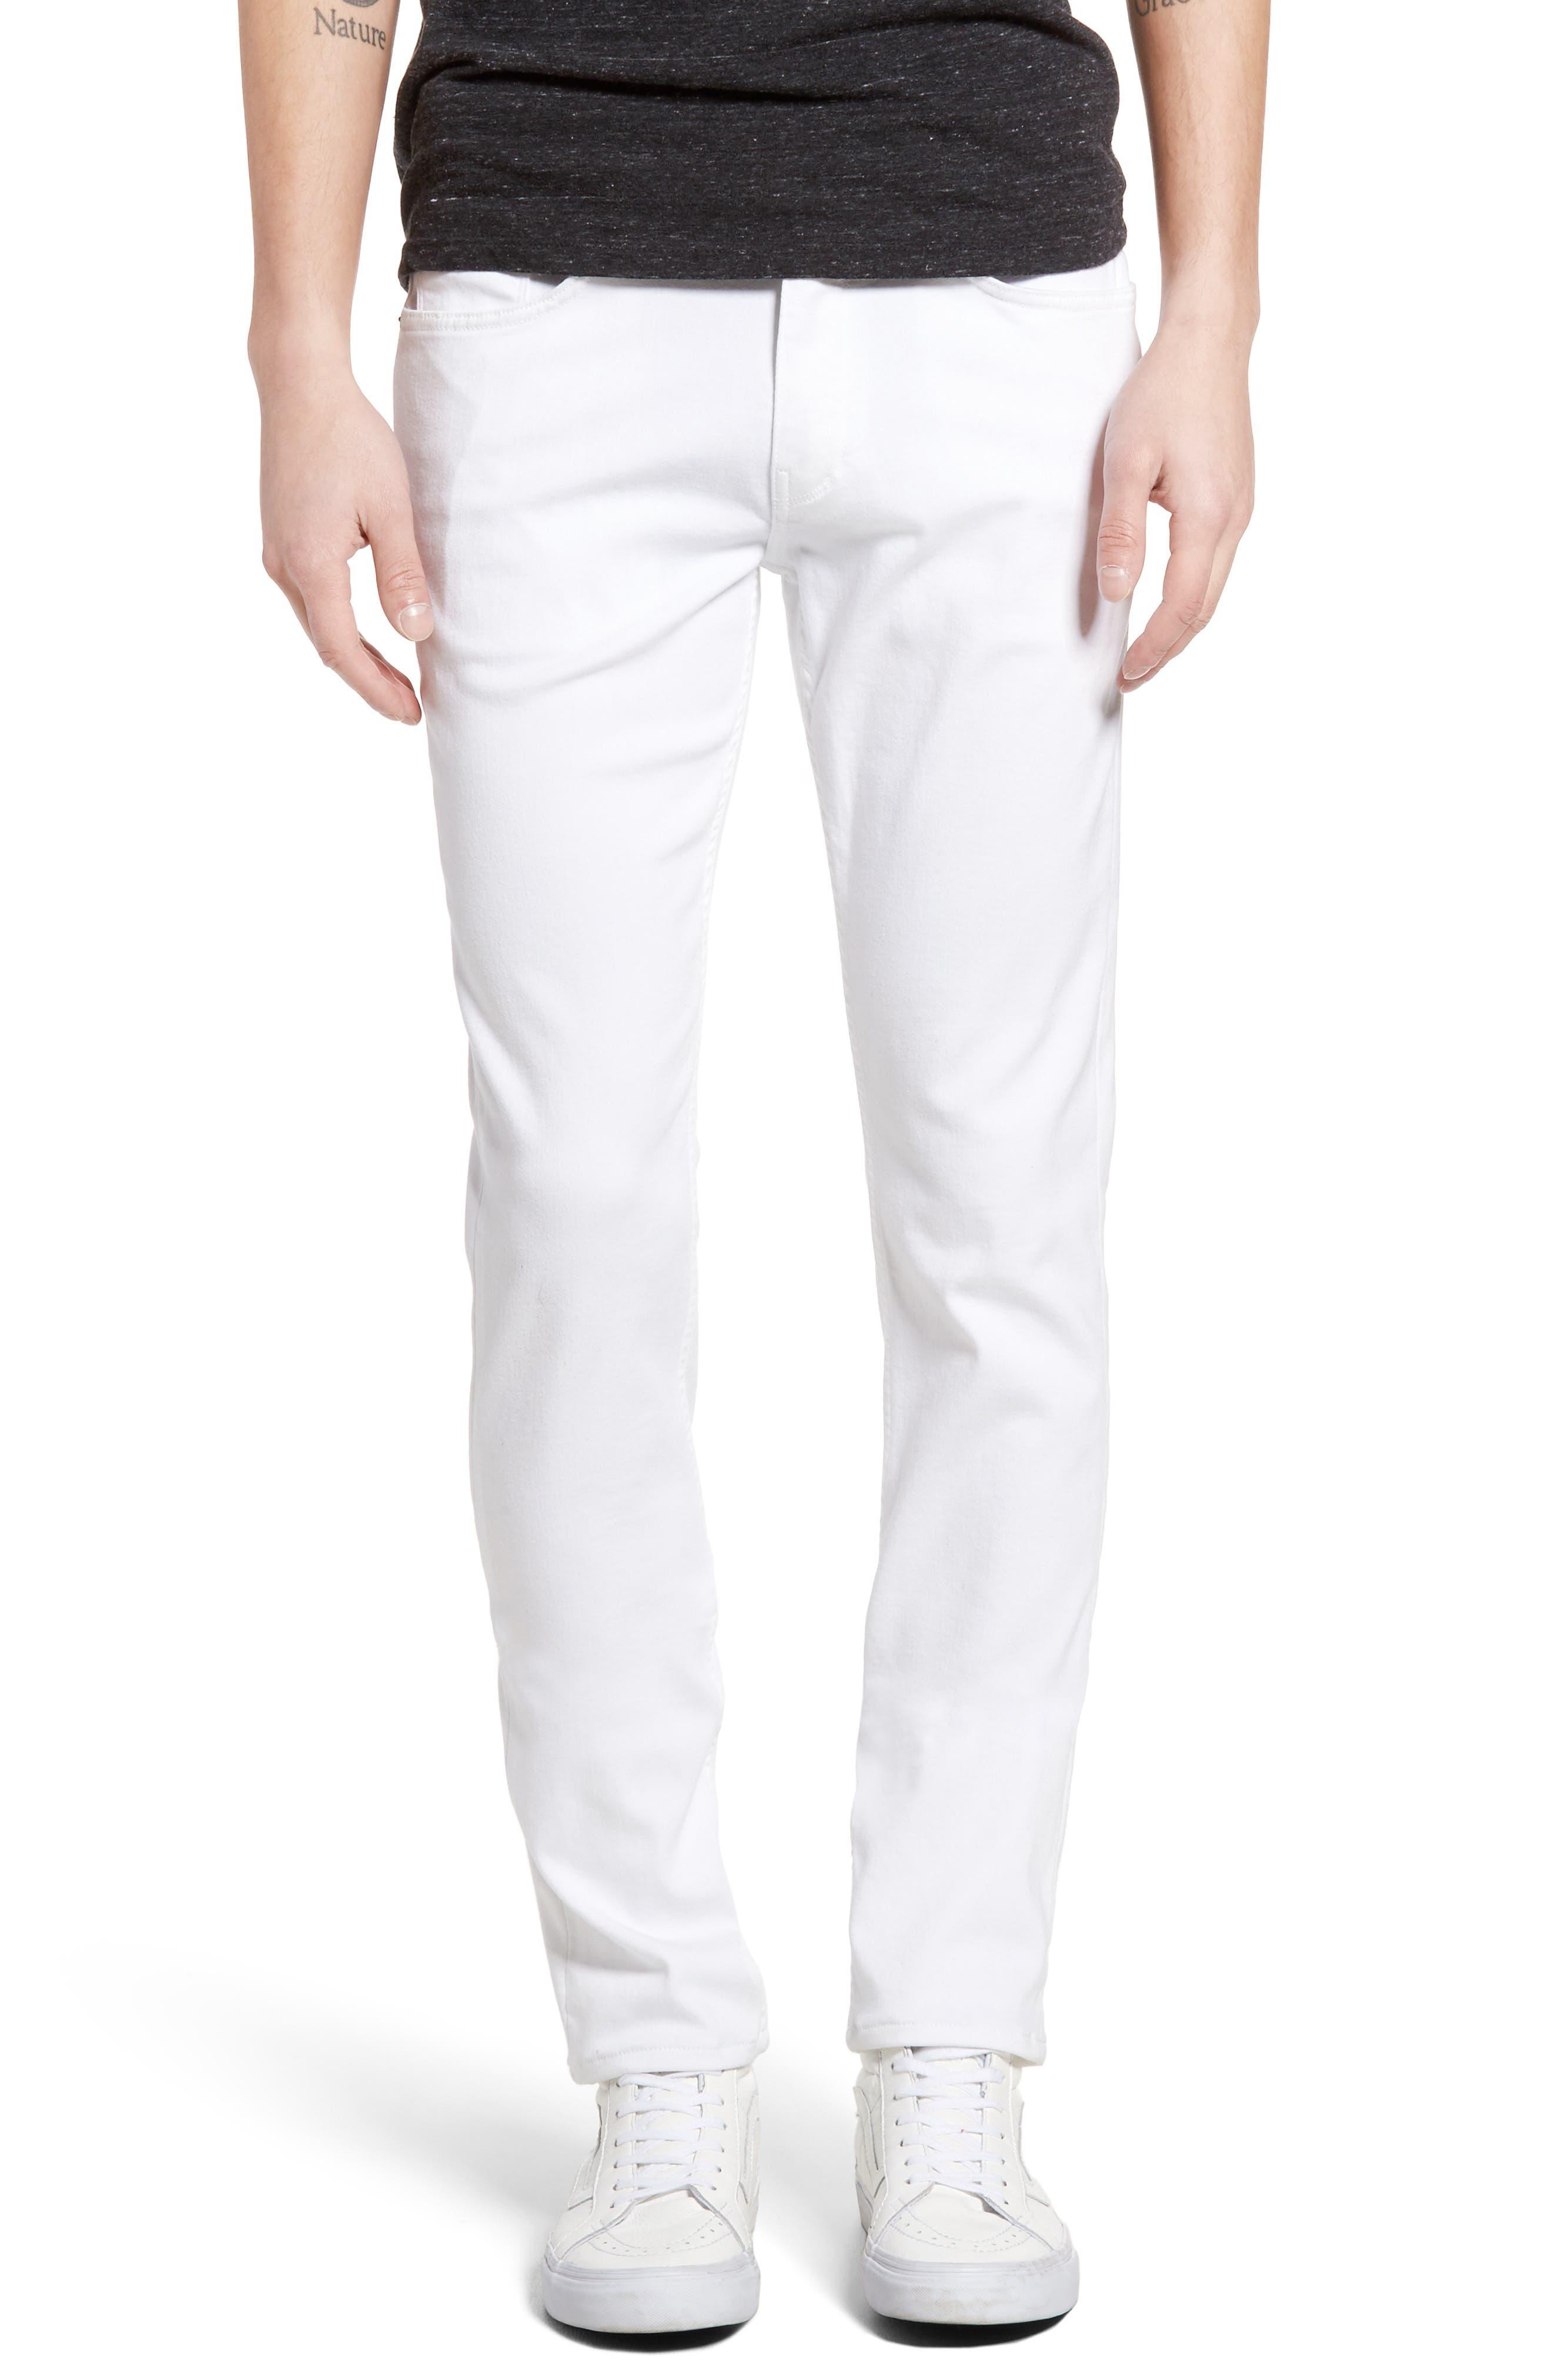 Main Image - PAIGE Lennox TRANSCEND Slim Fit Jeans (Icecap)